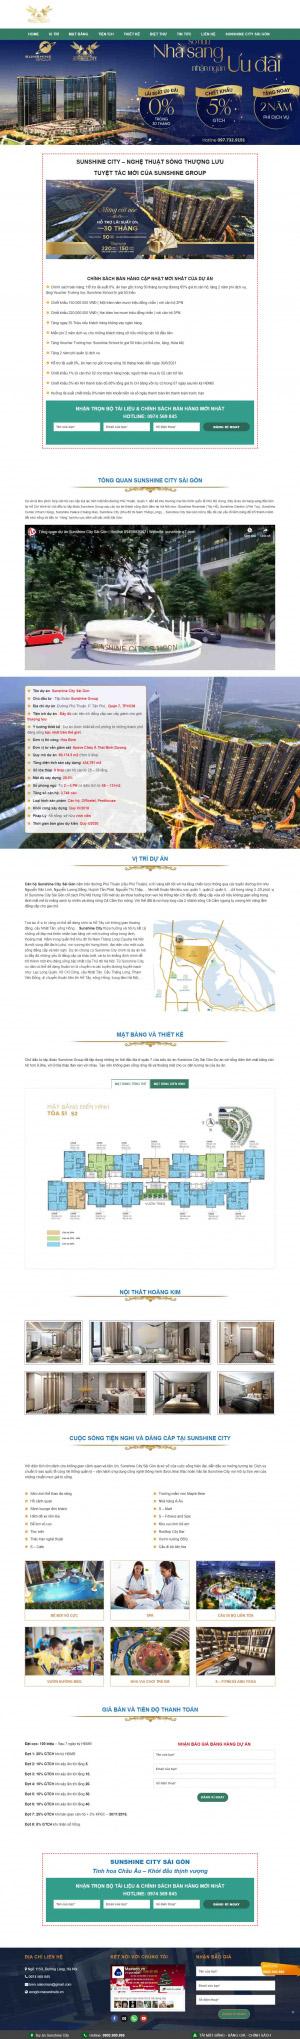 Mẫu giao diện thiết kế website bất động sản chuyên nghiệp